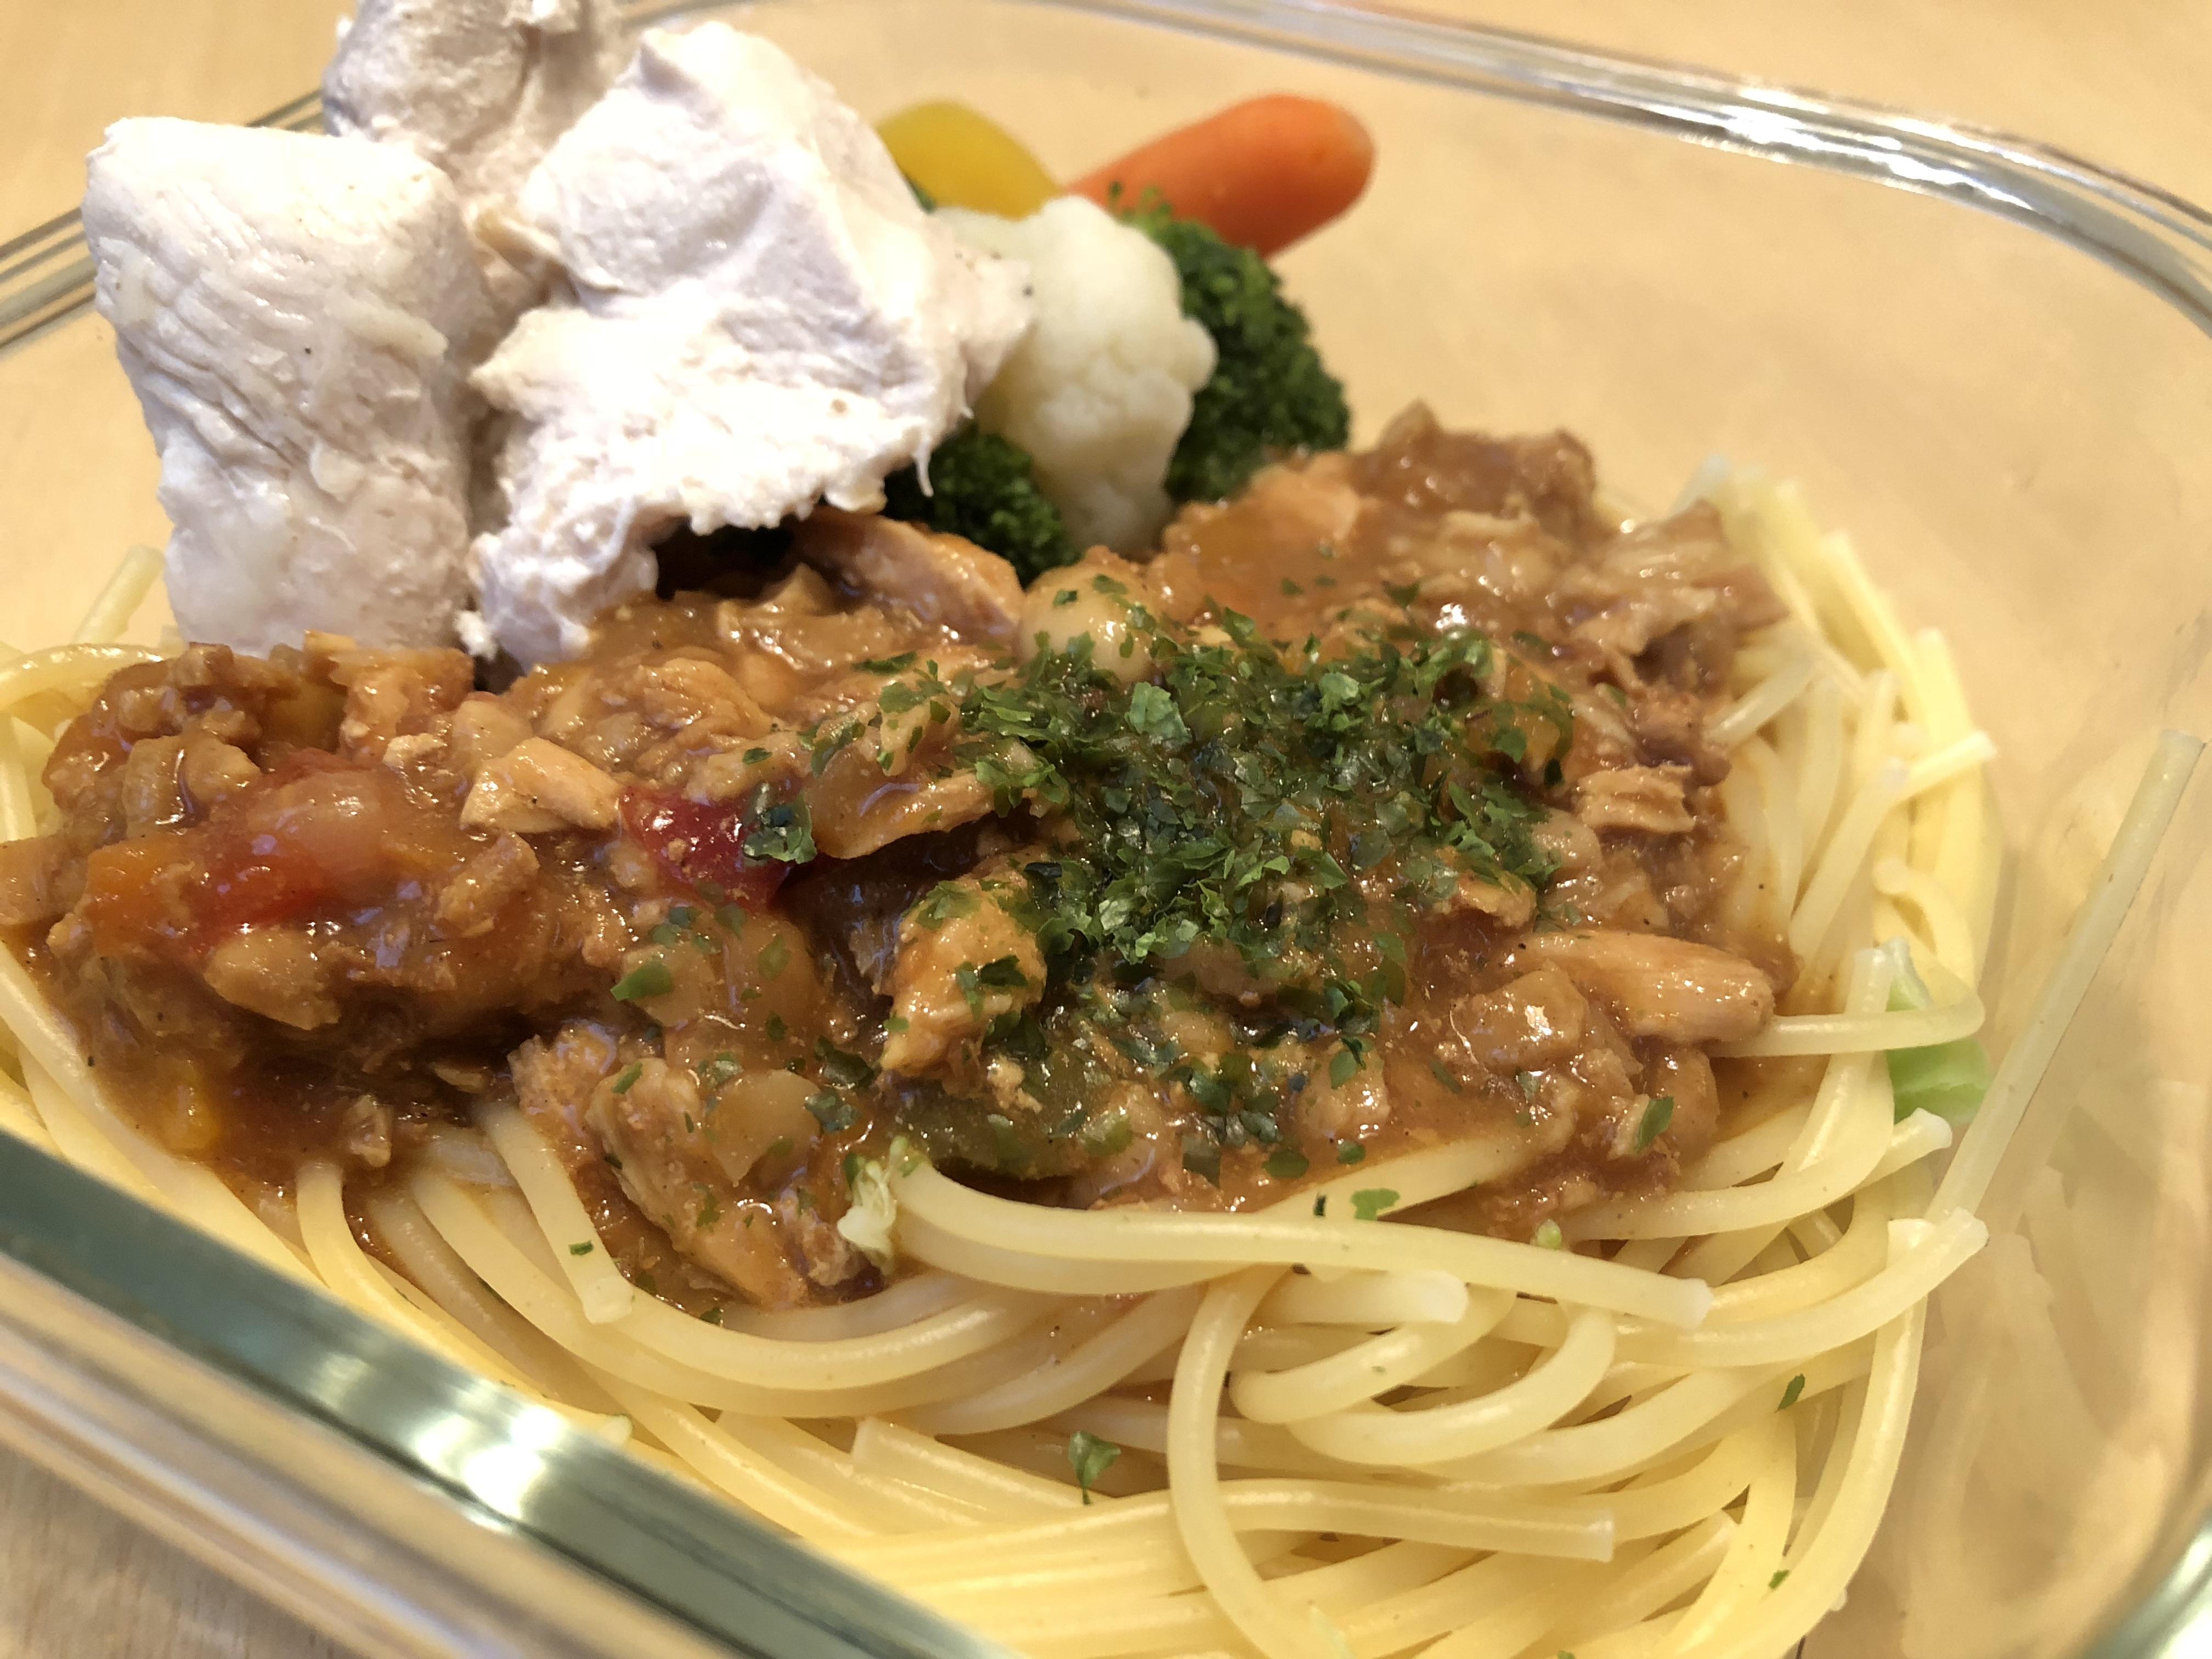 茹でた鶏肉 + コストコ冷凍野菜 + 低糖質チキンカレー(イオントップバリュ製品)